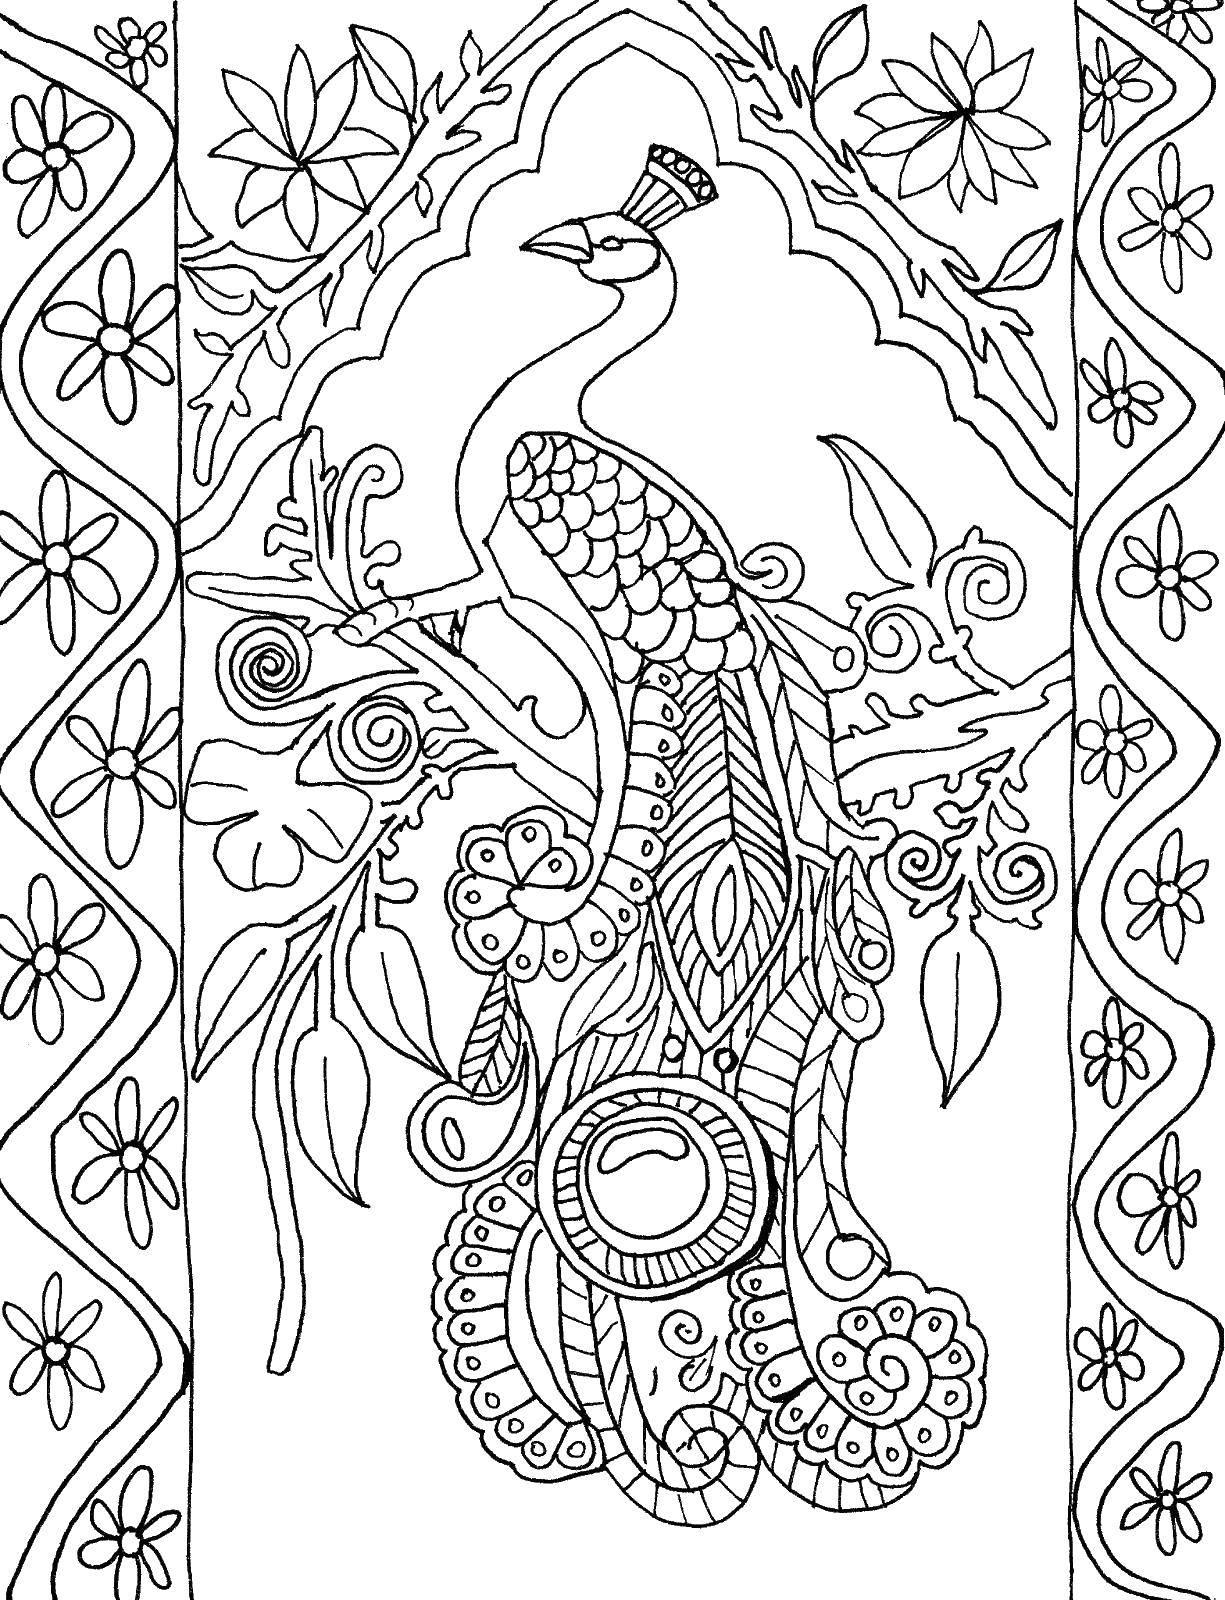 Раскраска Павлин с огромным хвостом Скачать Птицы, павлин.  Распечатать ,птицы,